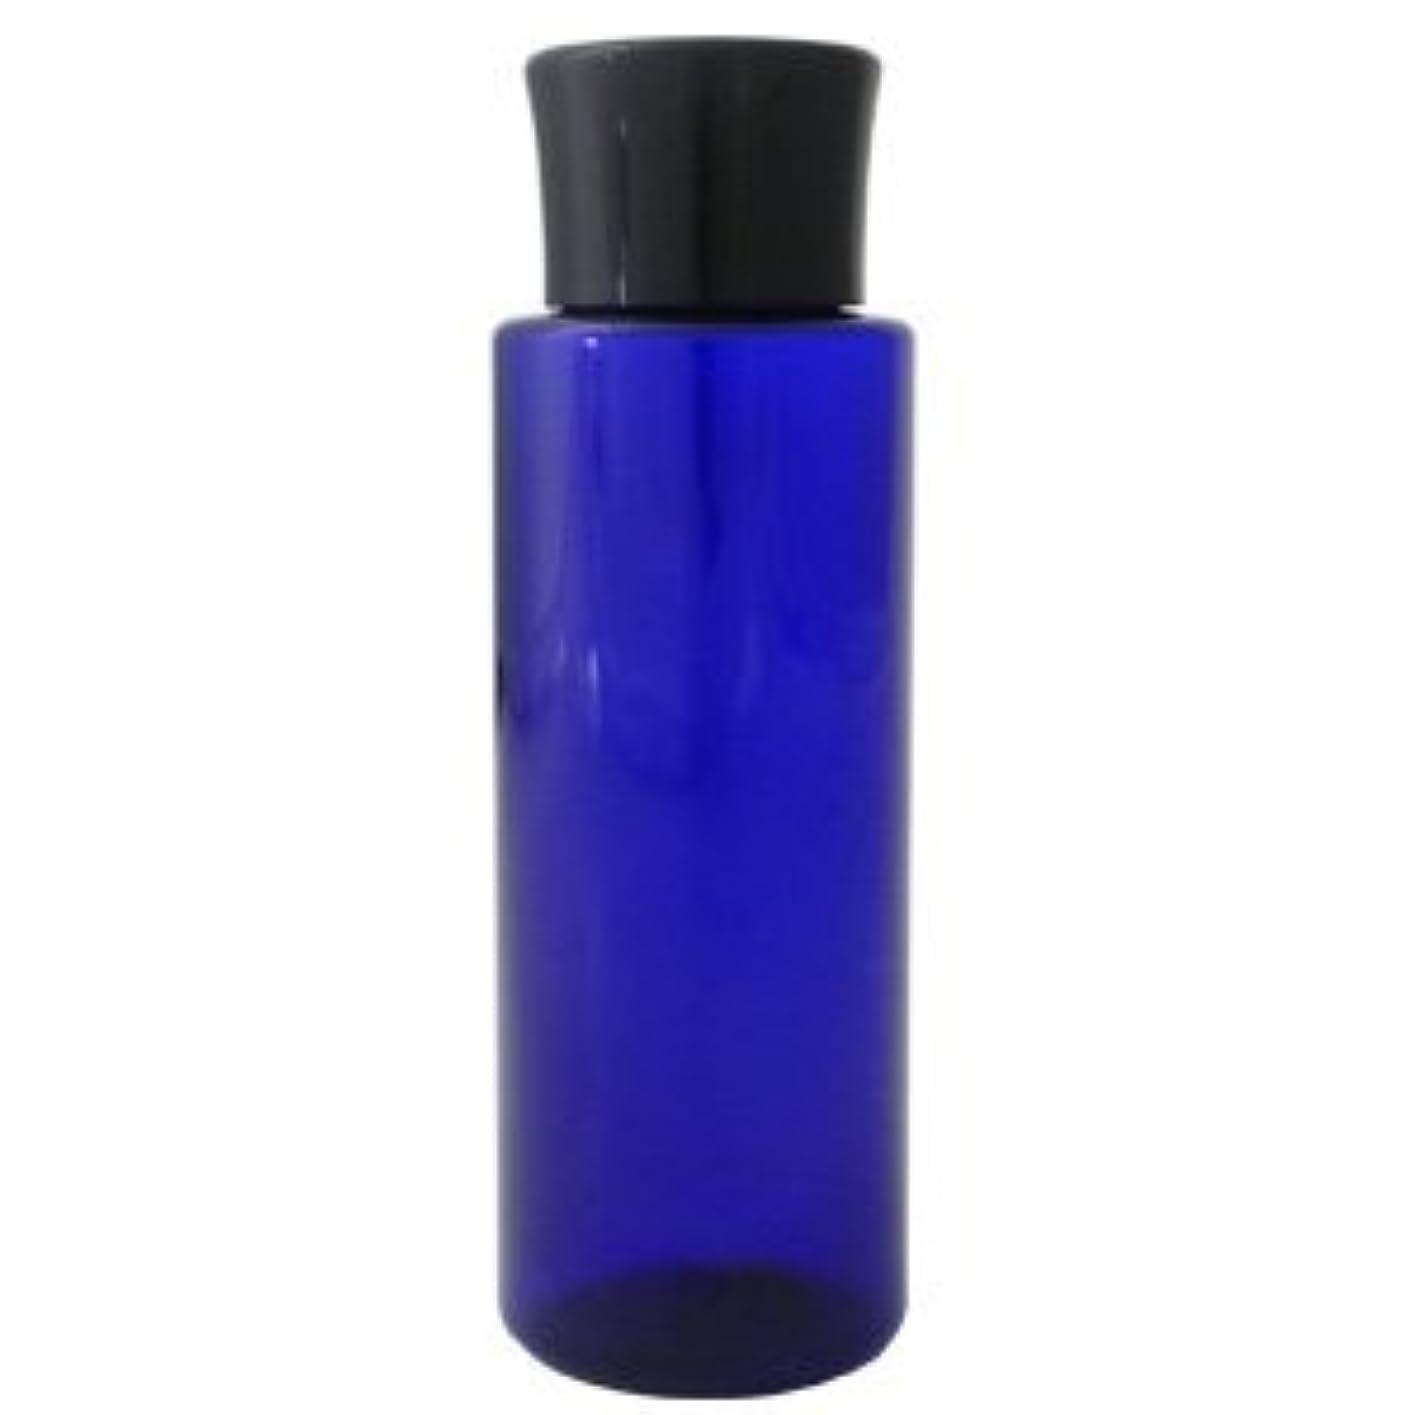 悲鳴くぼみ気づかないPETボトル コバルトブルー (青) 100ml *化粧水用中栓